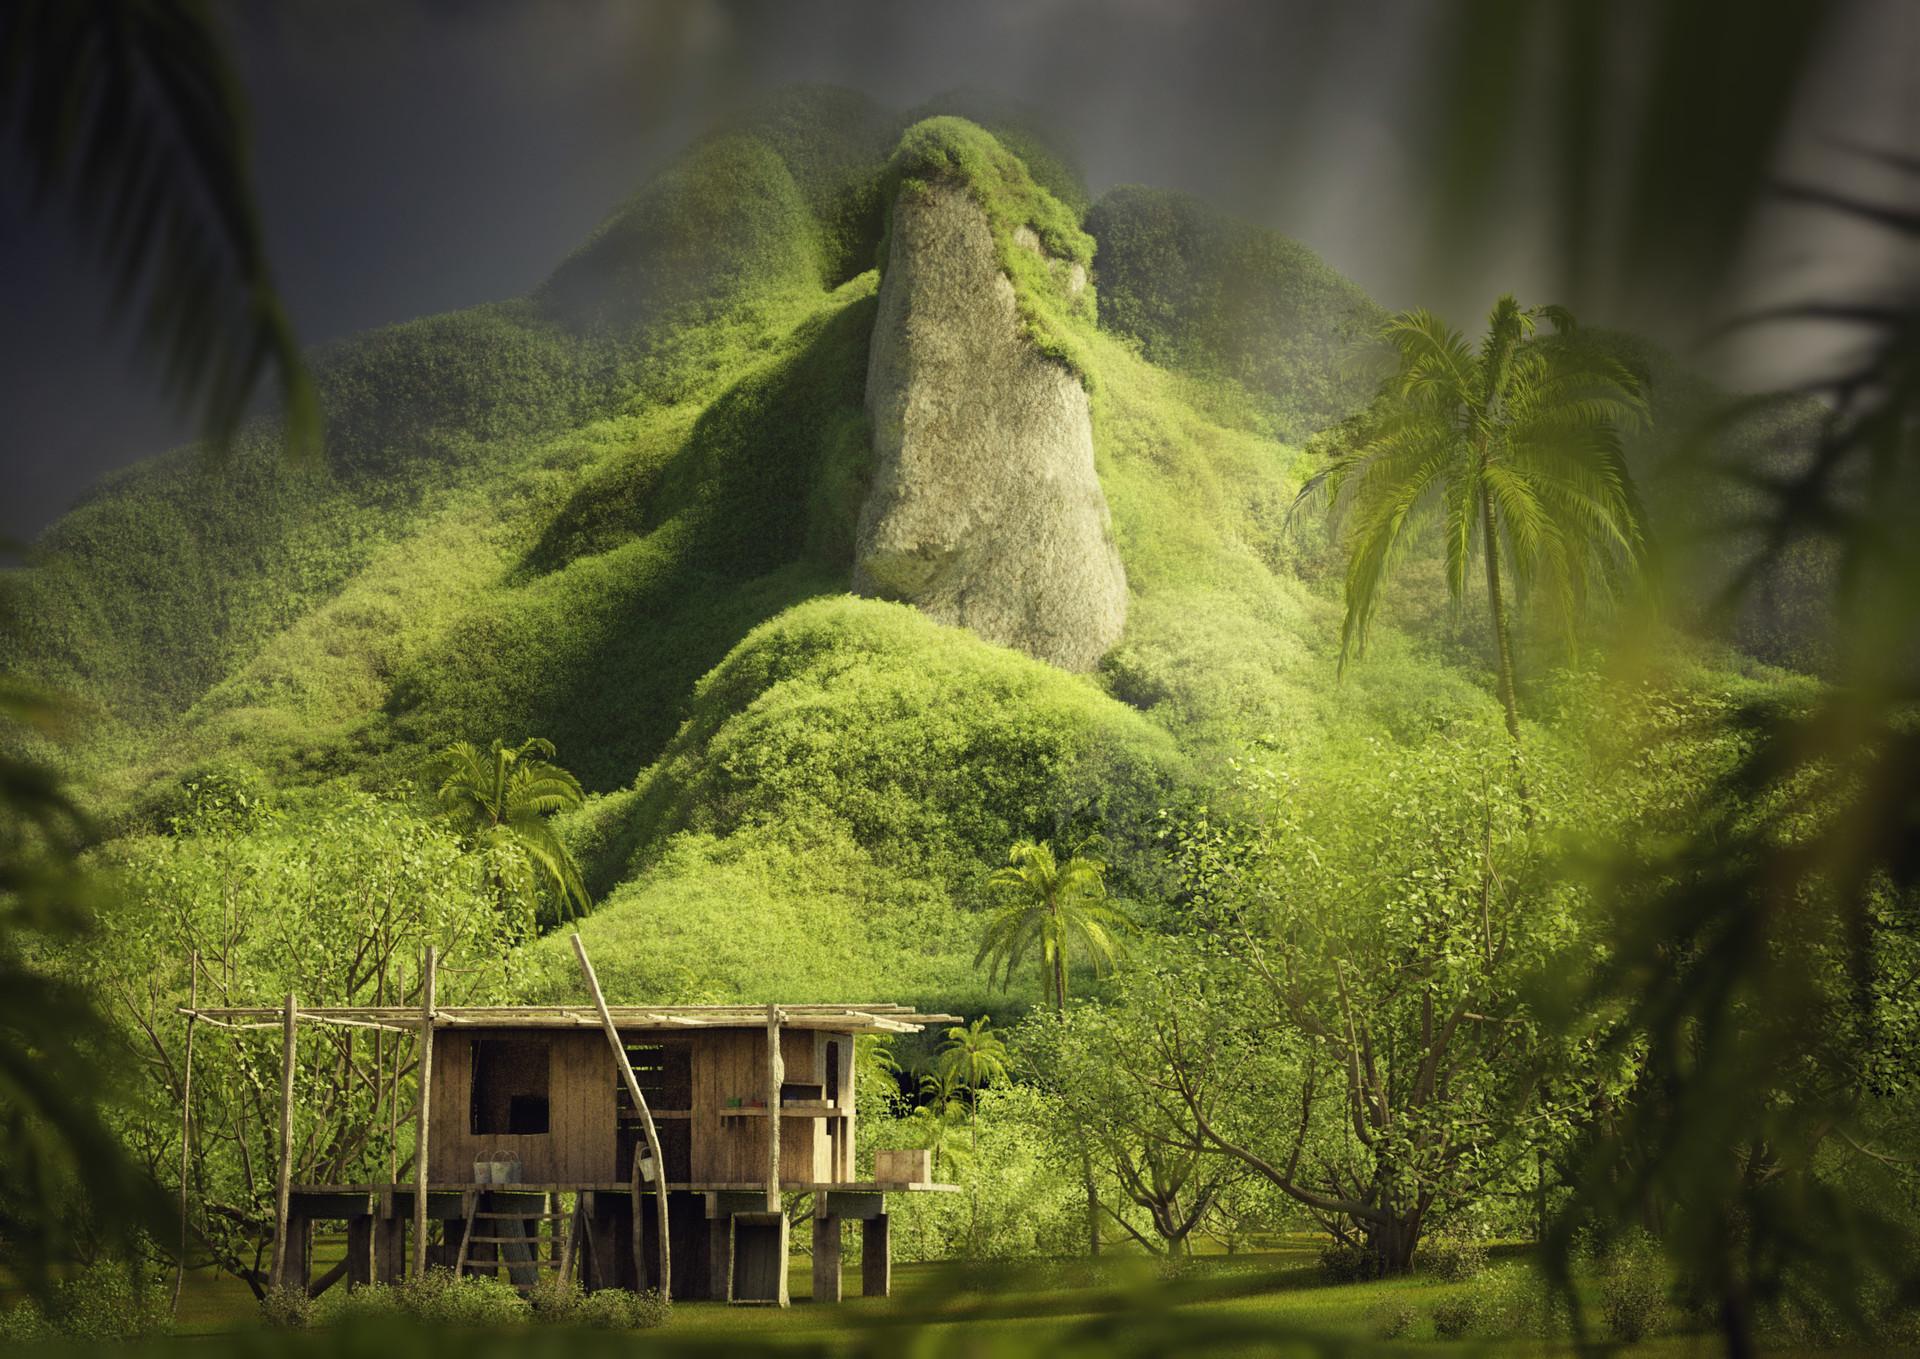 Yann couderc yann couderc island